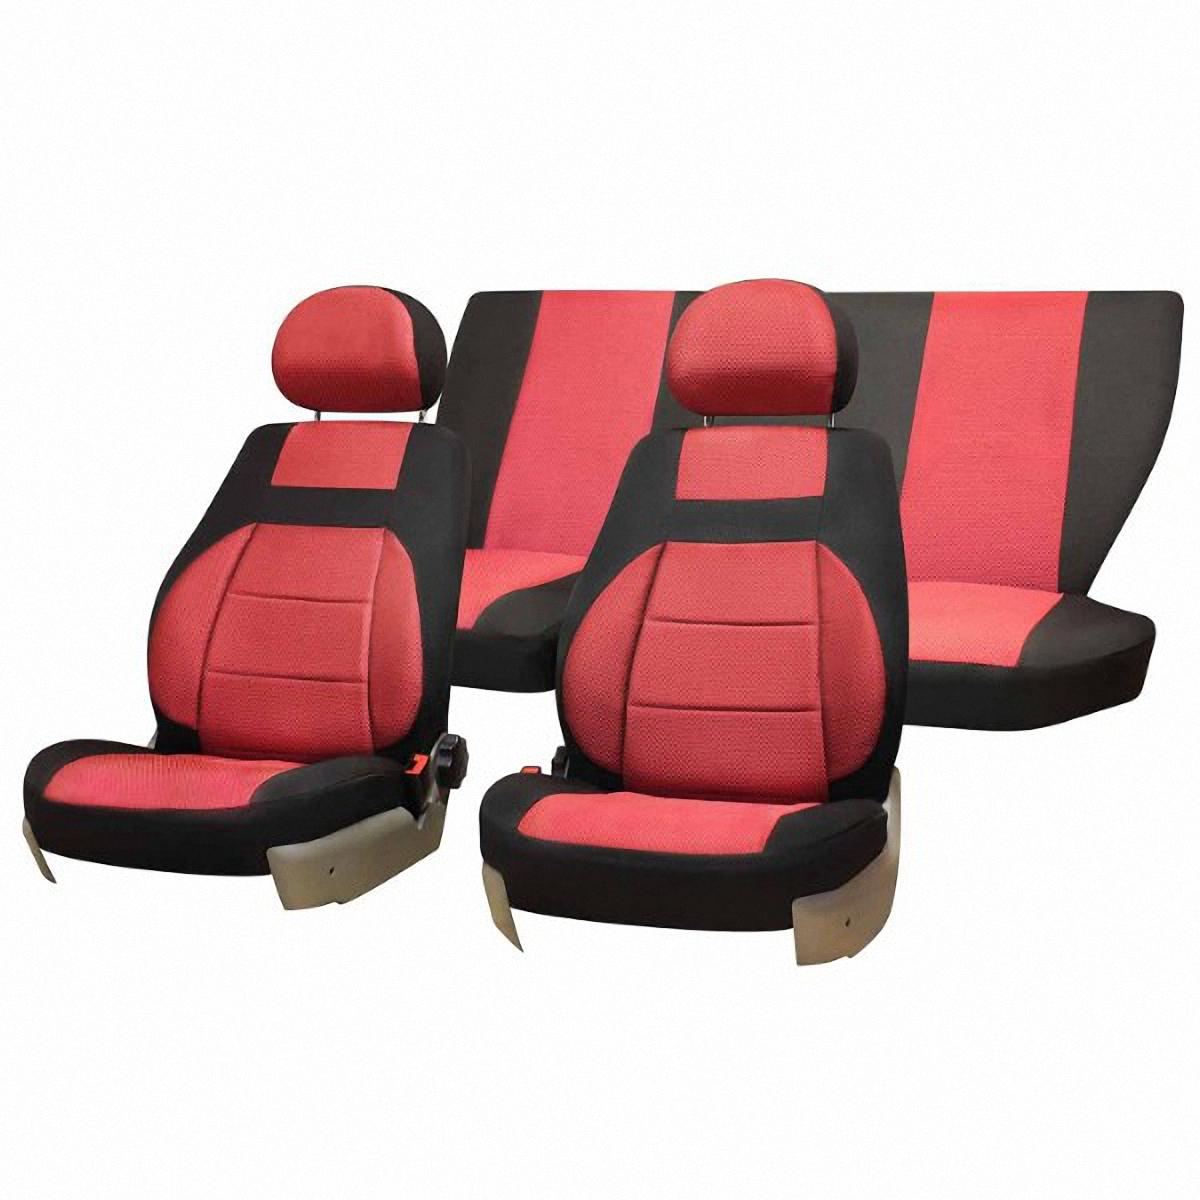 Чехлы автомобильные Skyway, для ВАЗ-2109/21099, цвет: красныйВетерок 2ГФАвтомобильные чехлы Skyway изготовлены из качественного жаккарда. Чехлы идеально повторяют штатную форму сидений и выглядят как оригинальная обивка сидений. Разработаны индивидуально для каждой модели автомобиля. Авточехлы Skyway просты в уходе - загрязнения легко удаляются влажной тканью. Чехлы имеют раздельную схему надевания. В комплекте 8 предметов.